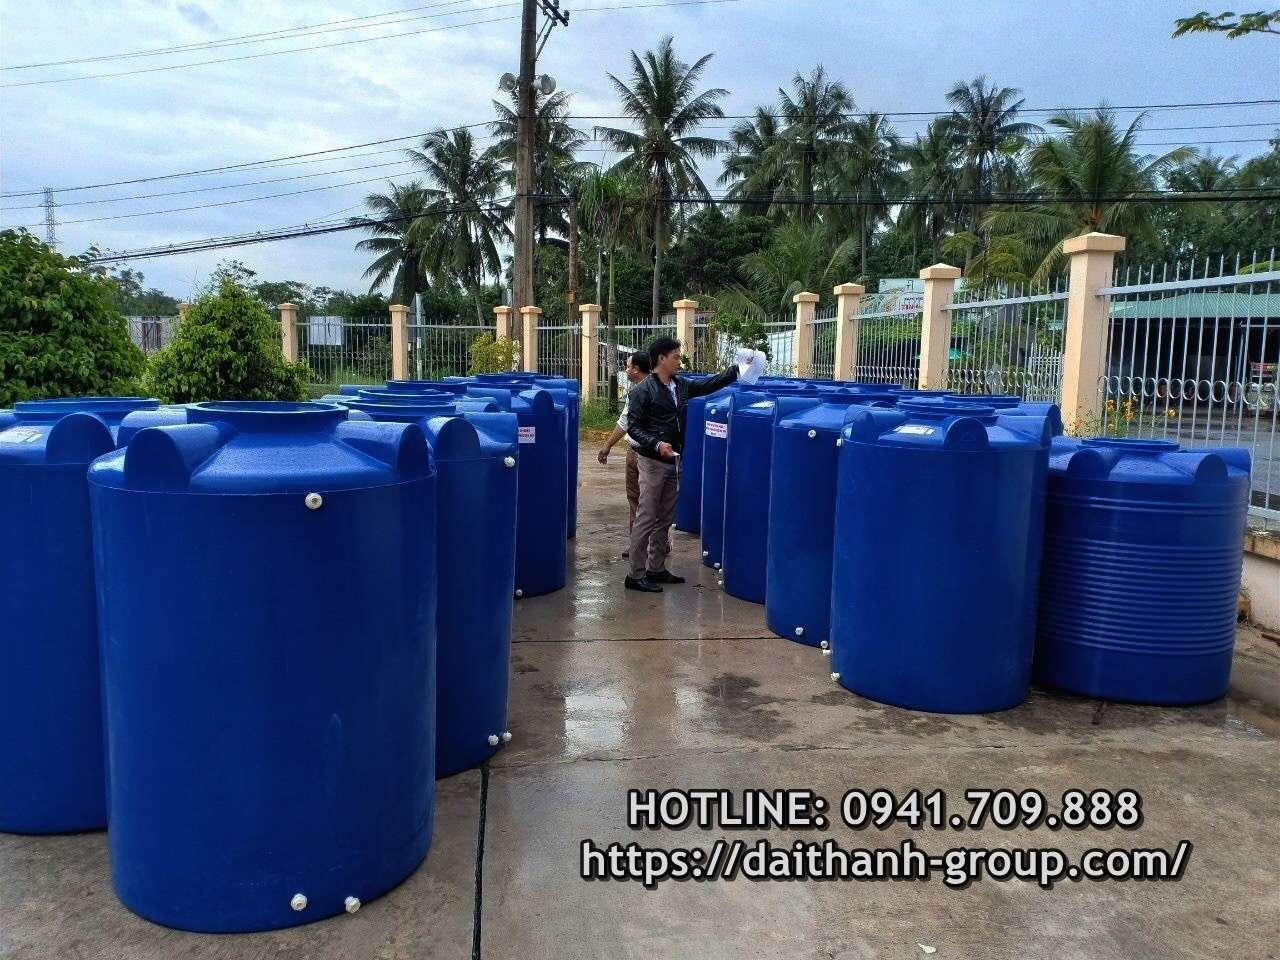 Đơn vị cung cấp bồn nước nhựa Tân Á 300l tại Hà Nội